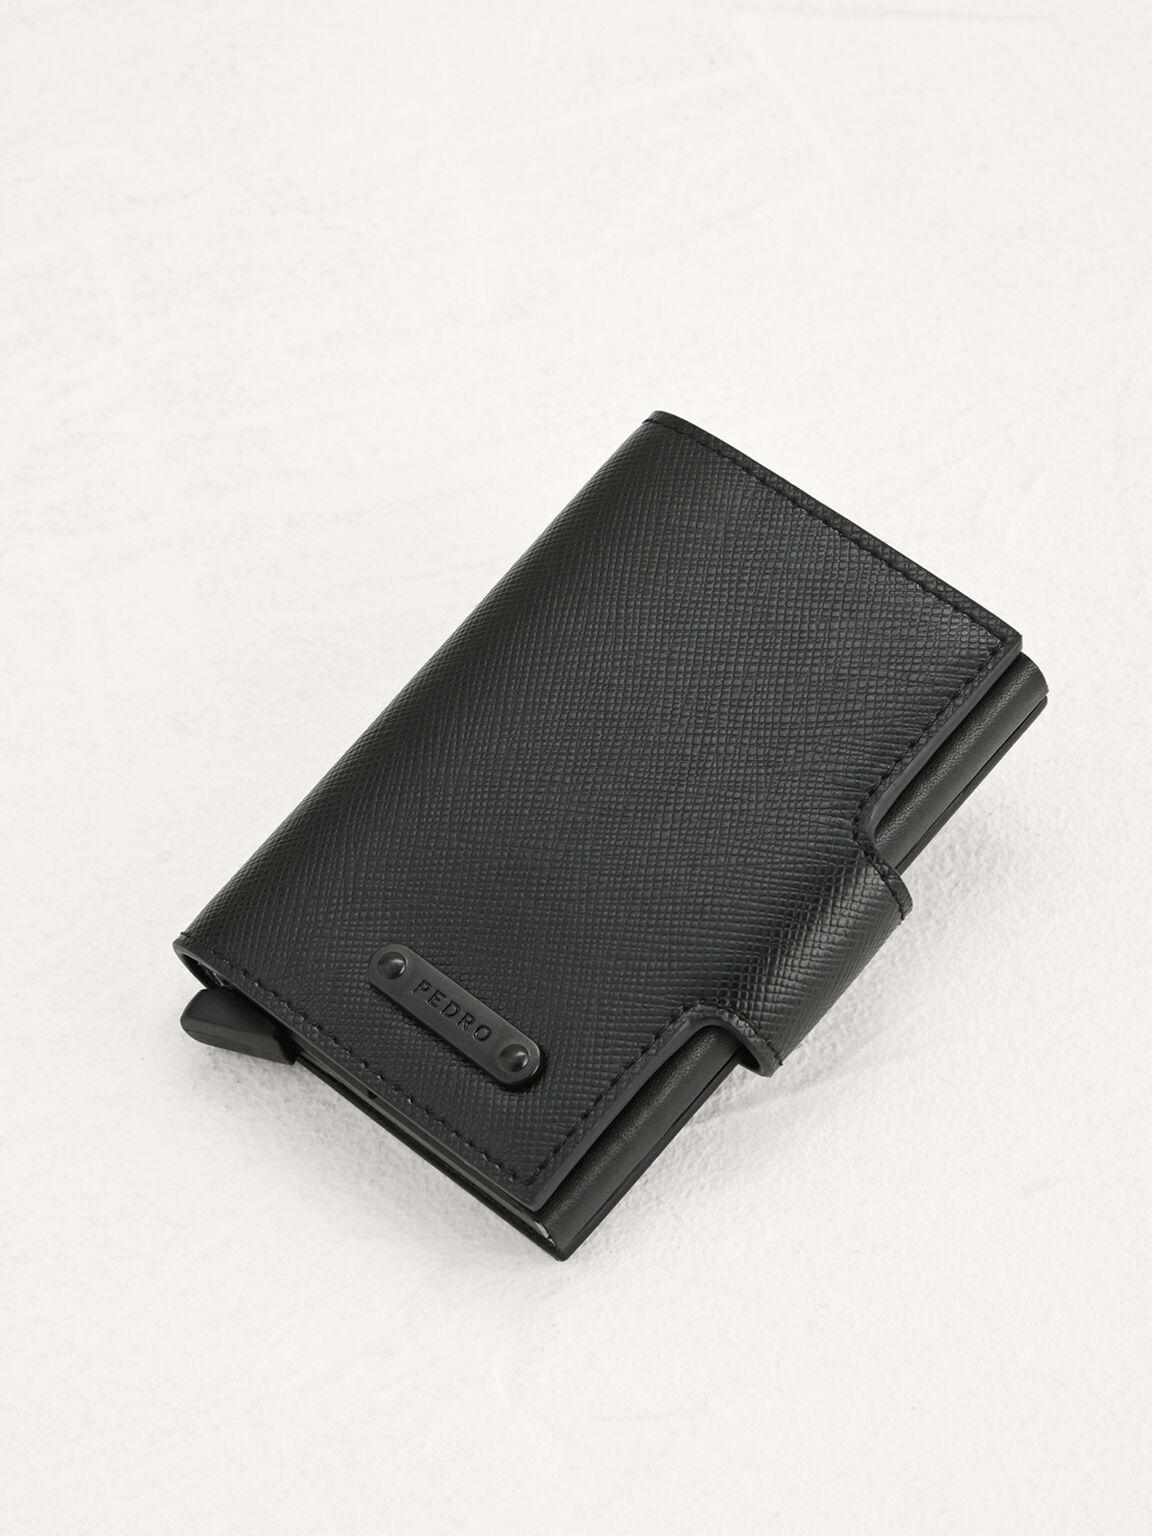 Leather Bi-Fold Card Holder, Black, hi-res